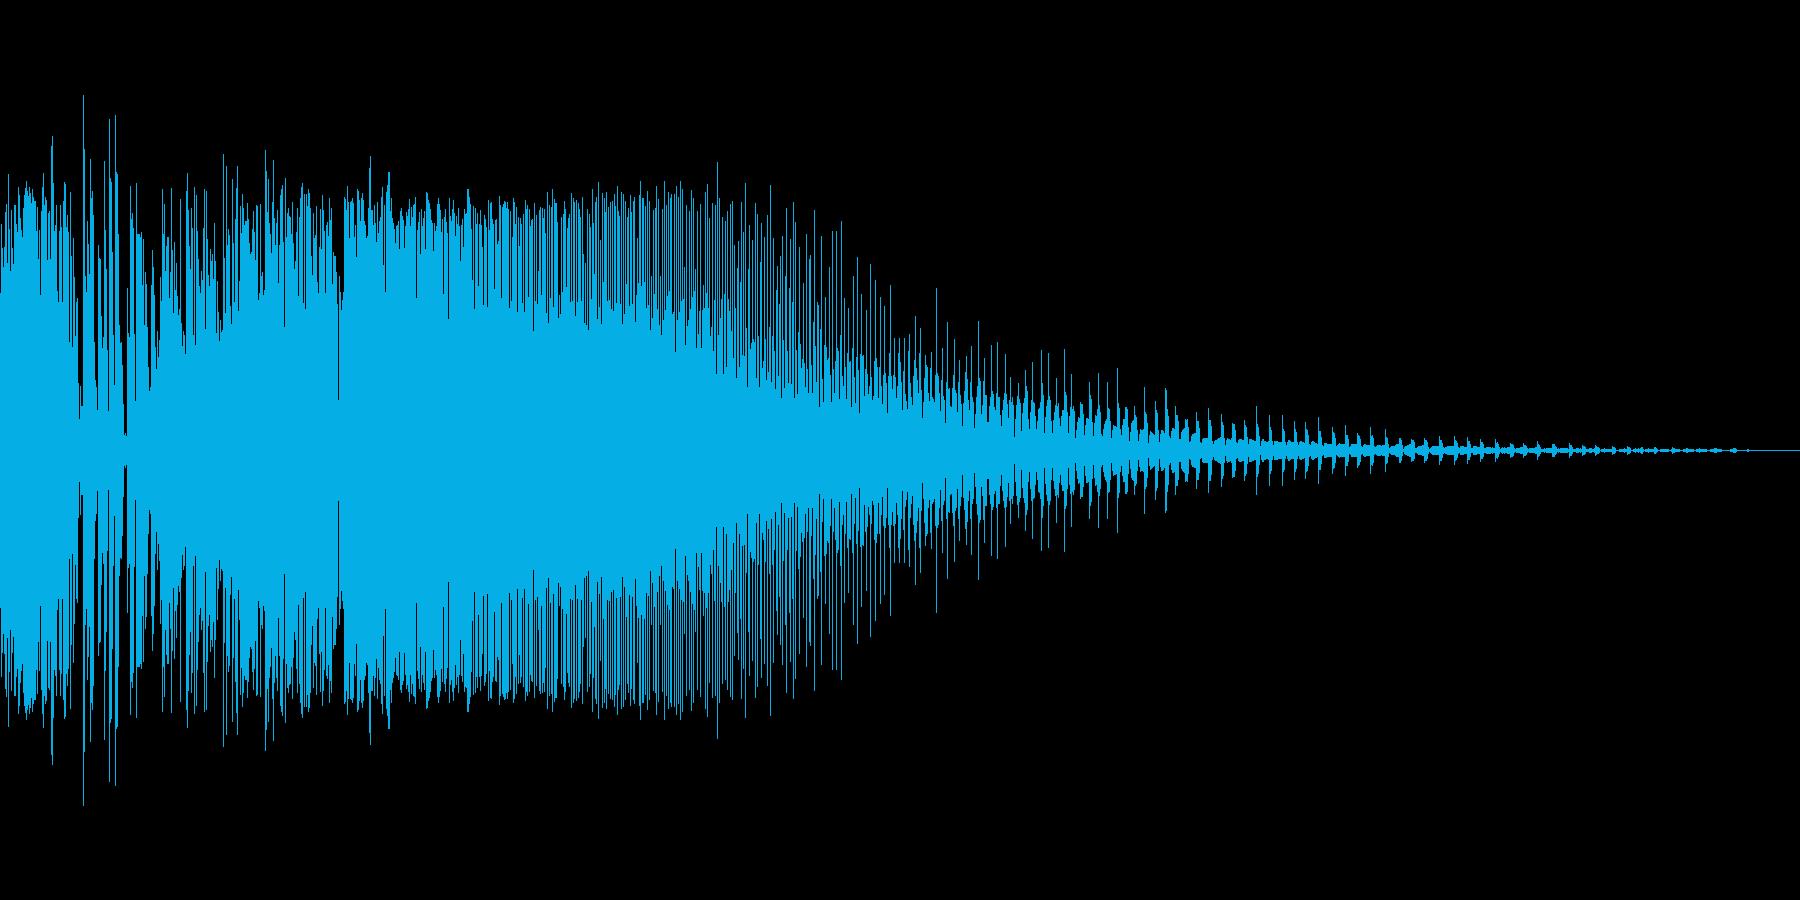 ズビジューン(ビームライフル風の射撃音)の再生済みの波形